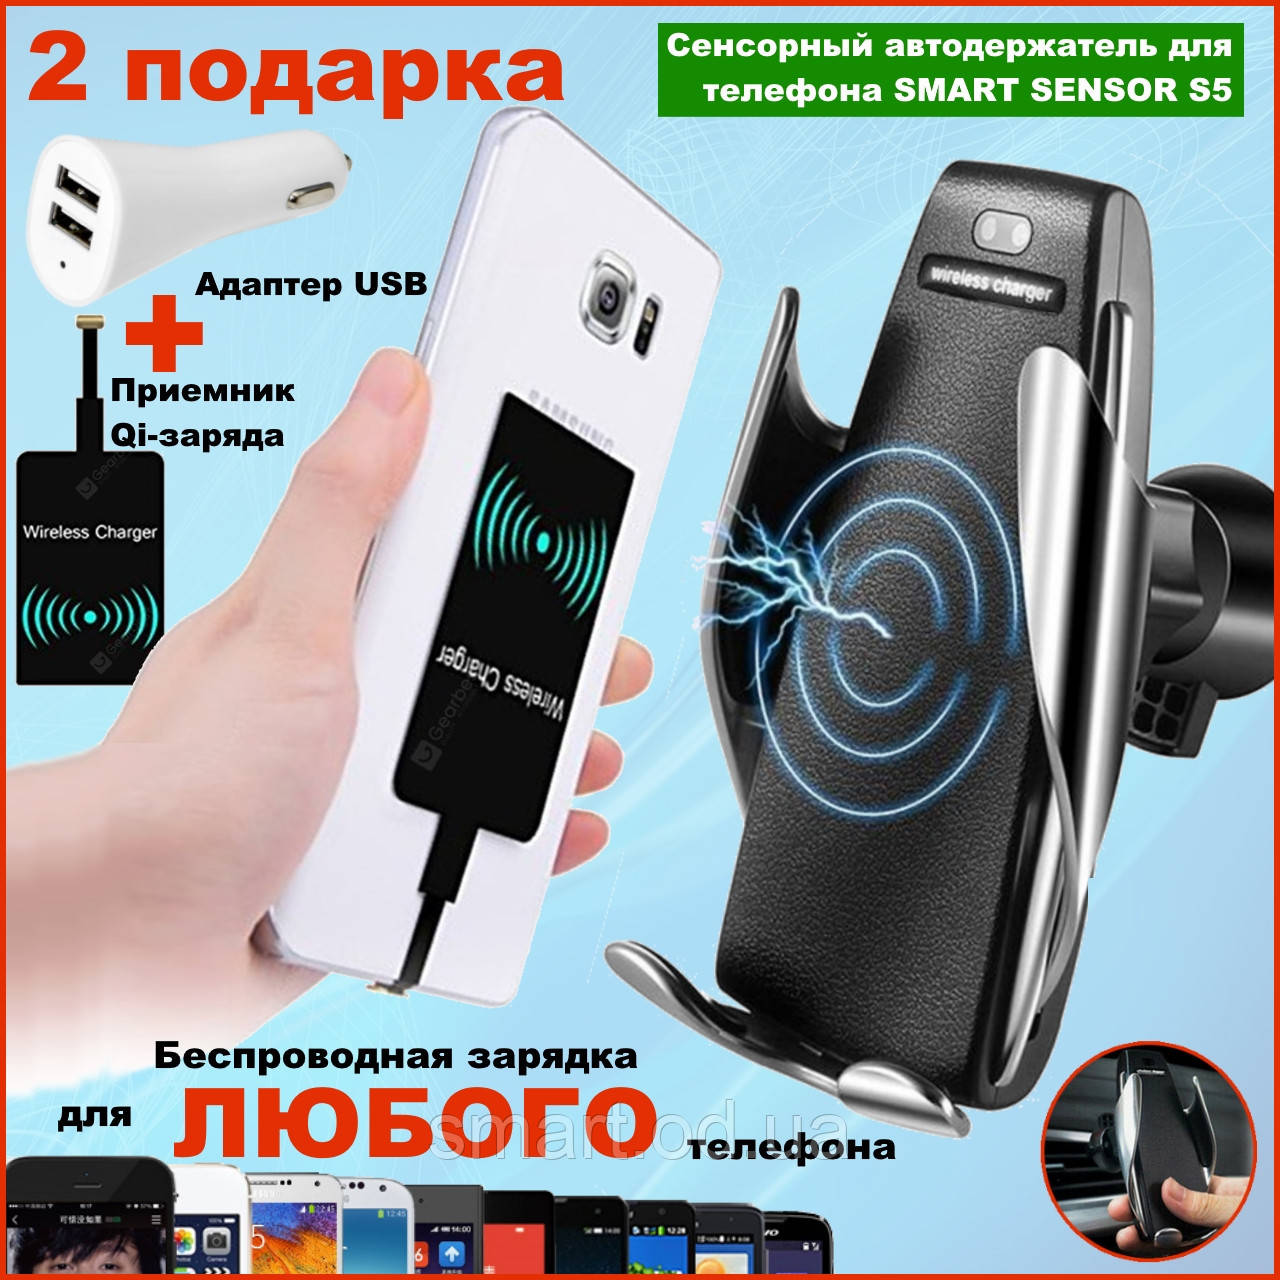 Автомобільний тримач сенсорний Penguin Smart Sensor S5 QI c бездротовою зарядкою 10w Black датчик рухів